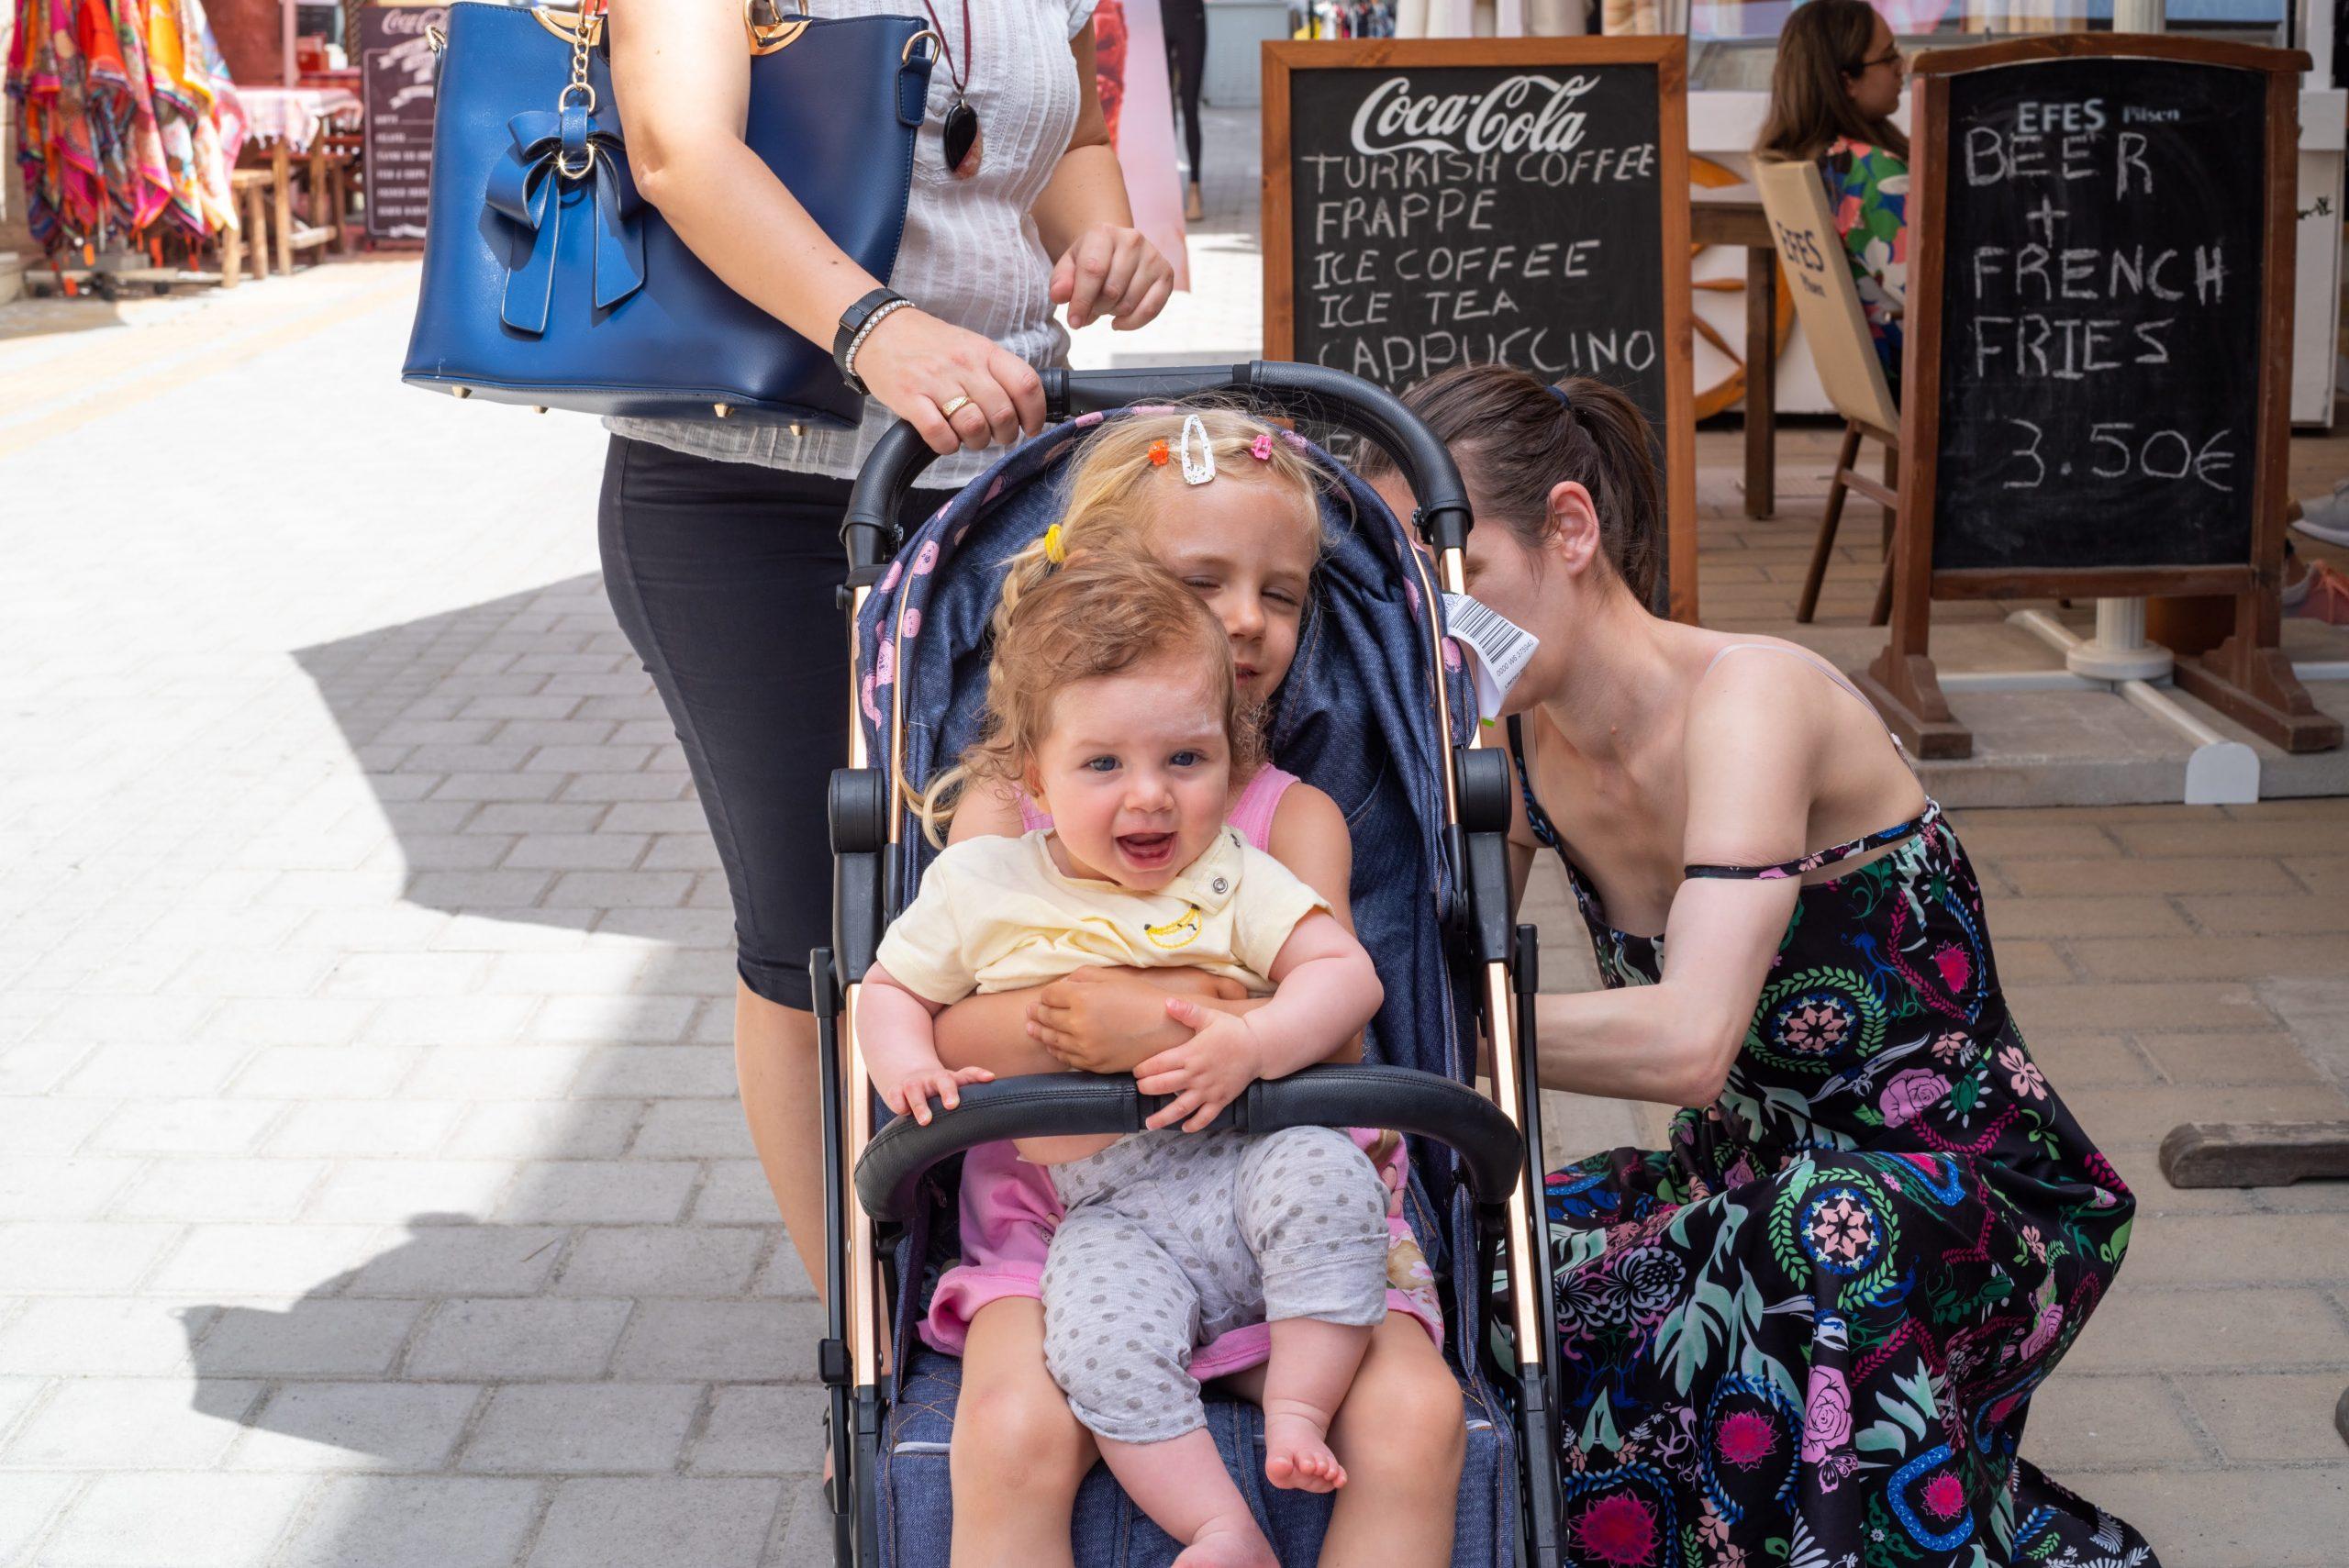 Кипър 2019. Е, понякога и двете деца са на количката